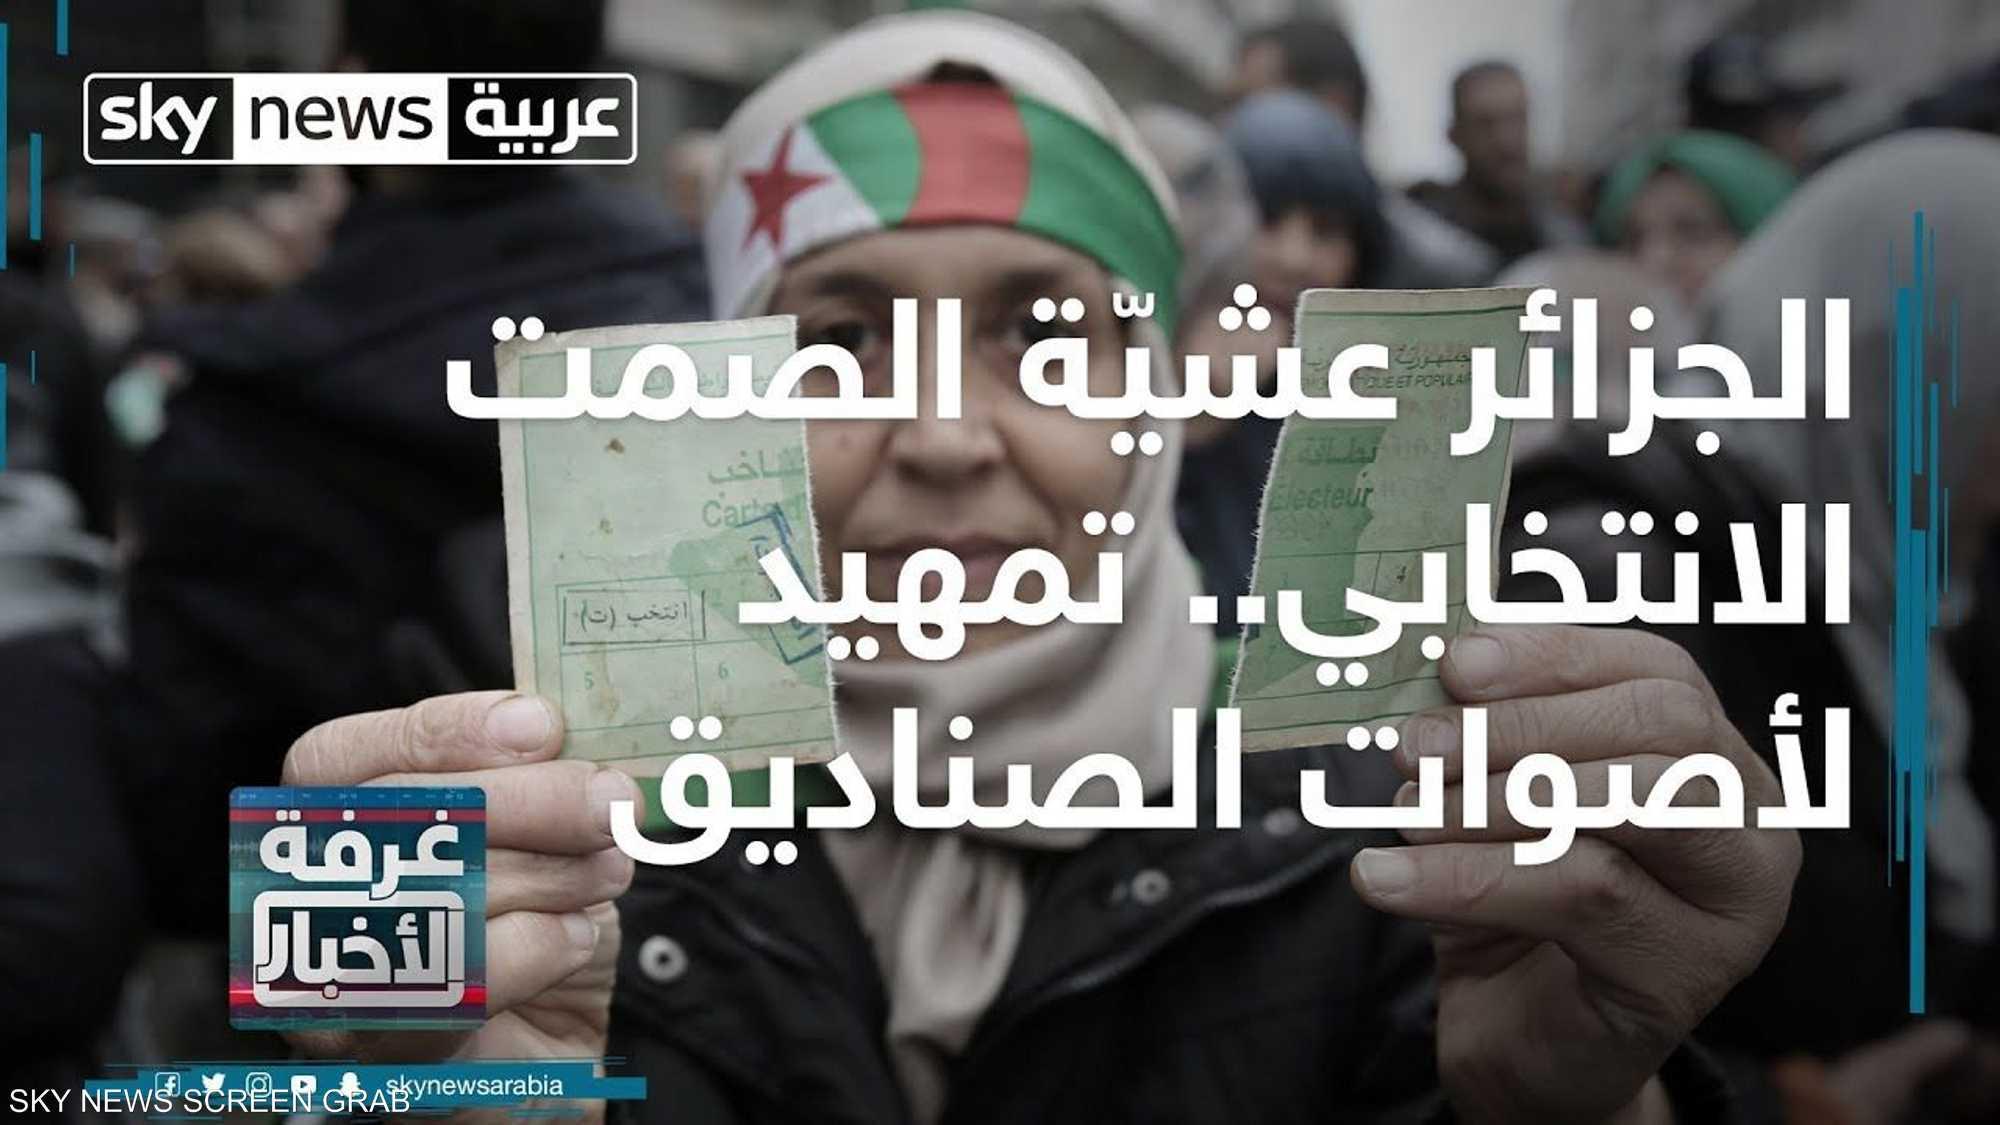 الجزائر عشيّة الصمت الانتخابي.. تمهيد لأصوات الصناديق